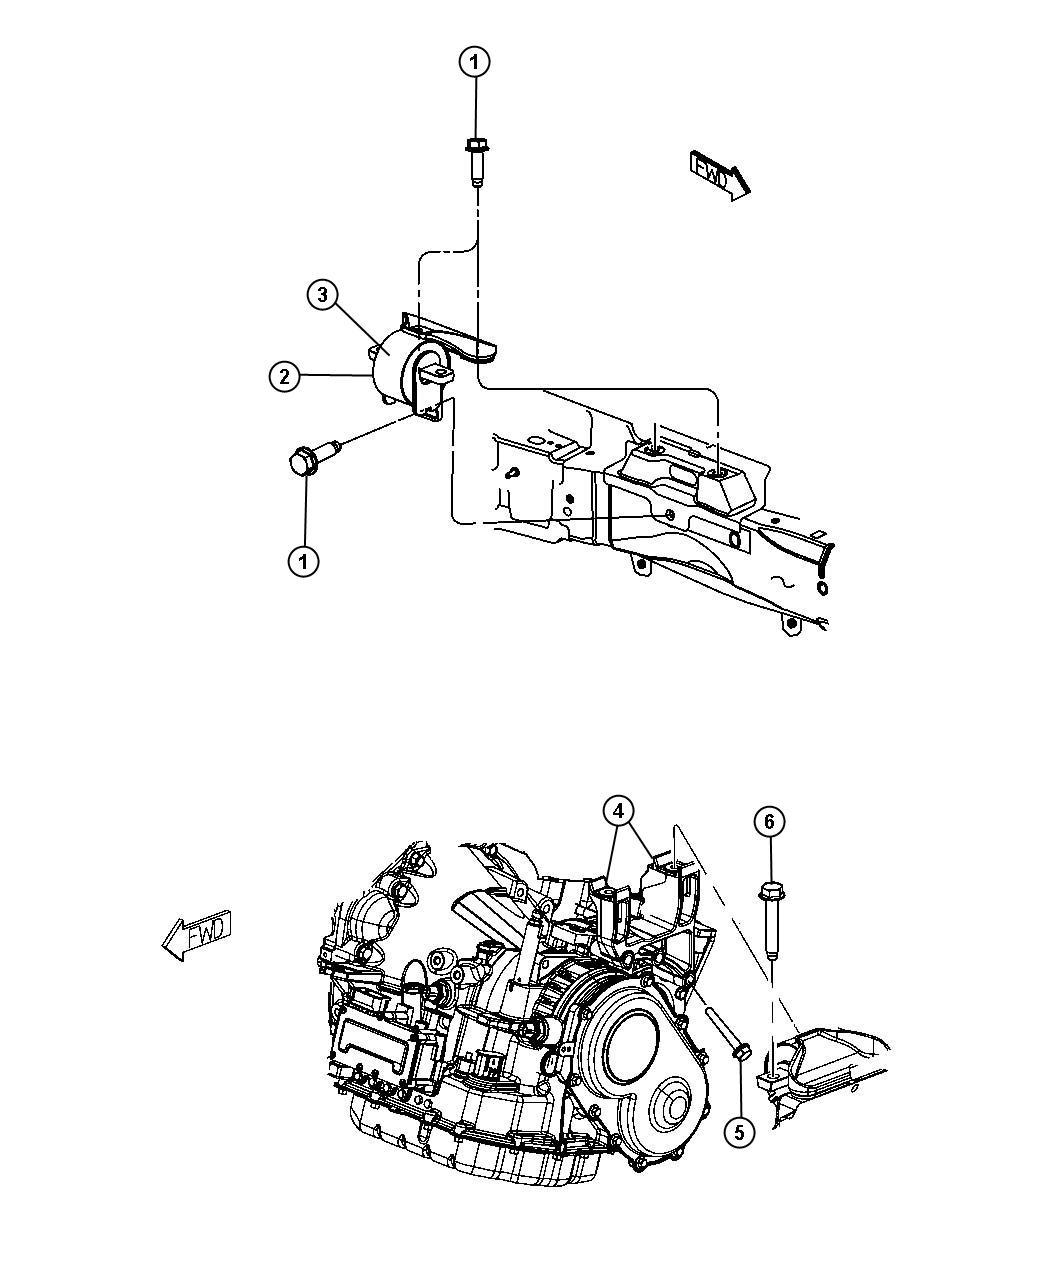 Engine Mounting Left Side Fwd 2 7l 2 7l V6 Dohc 24 Valve